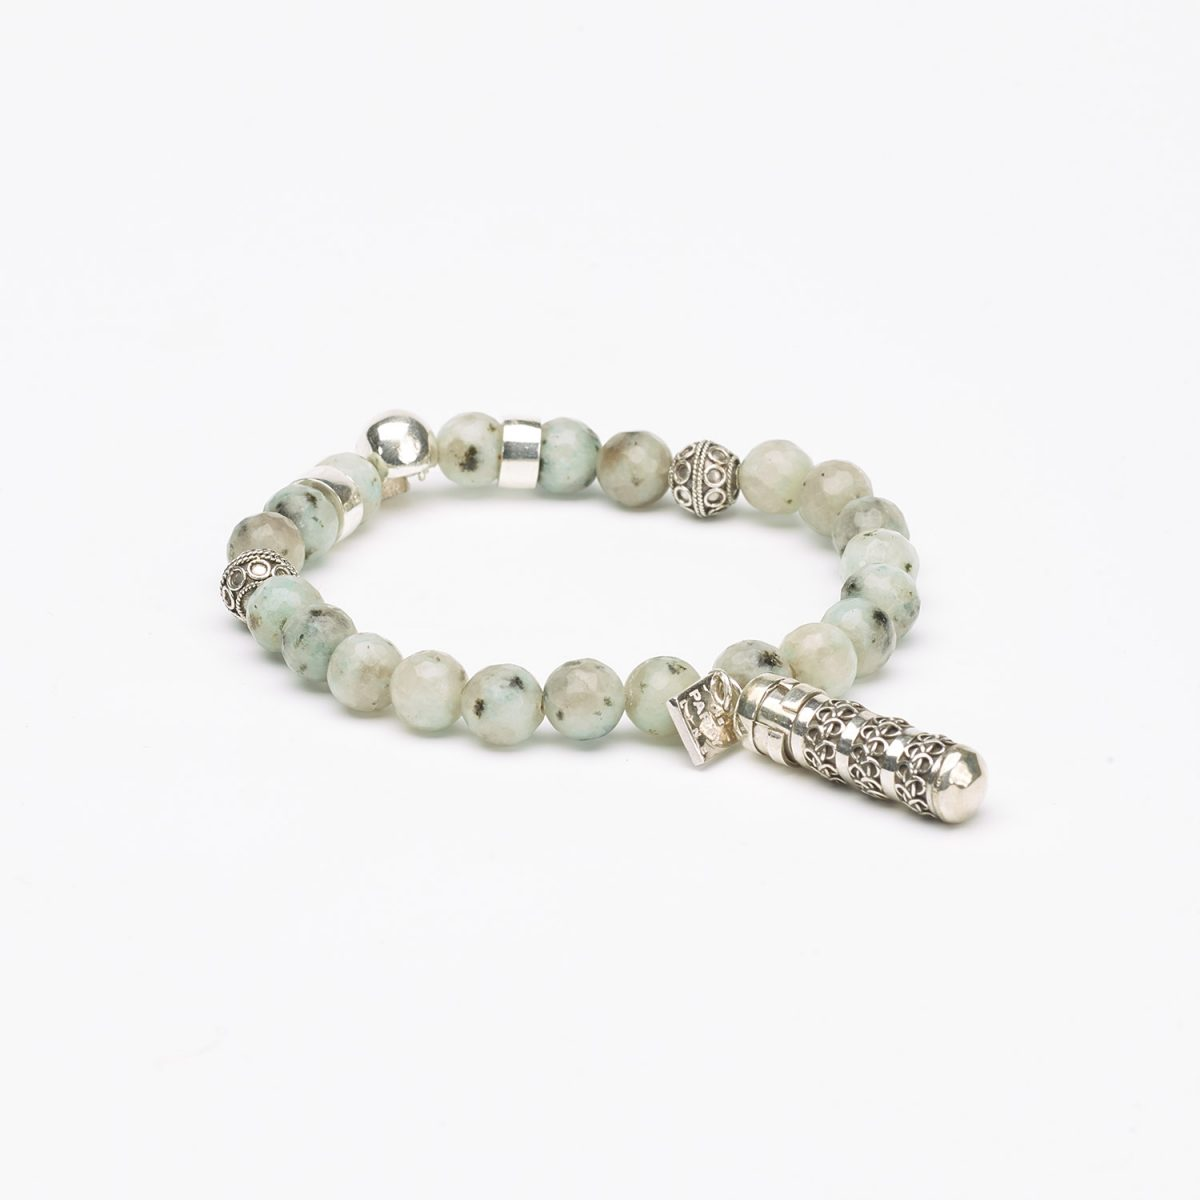 perle-de-jade-bracelet-argent-massif-925-perles-amazonite